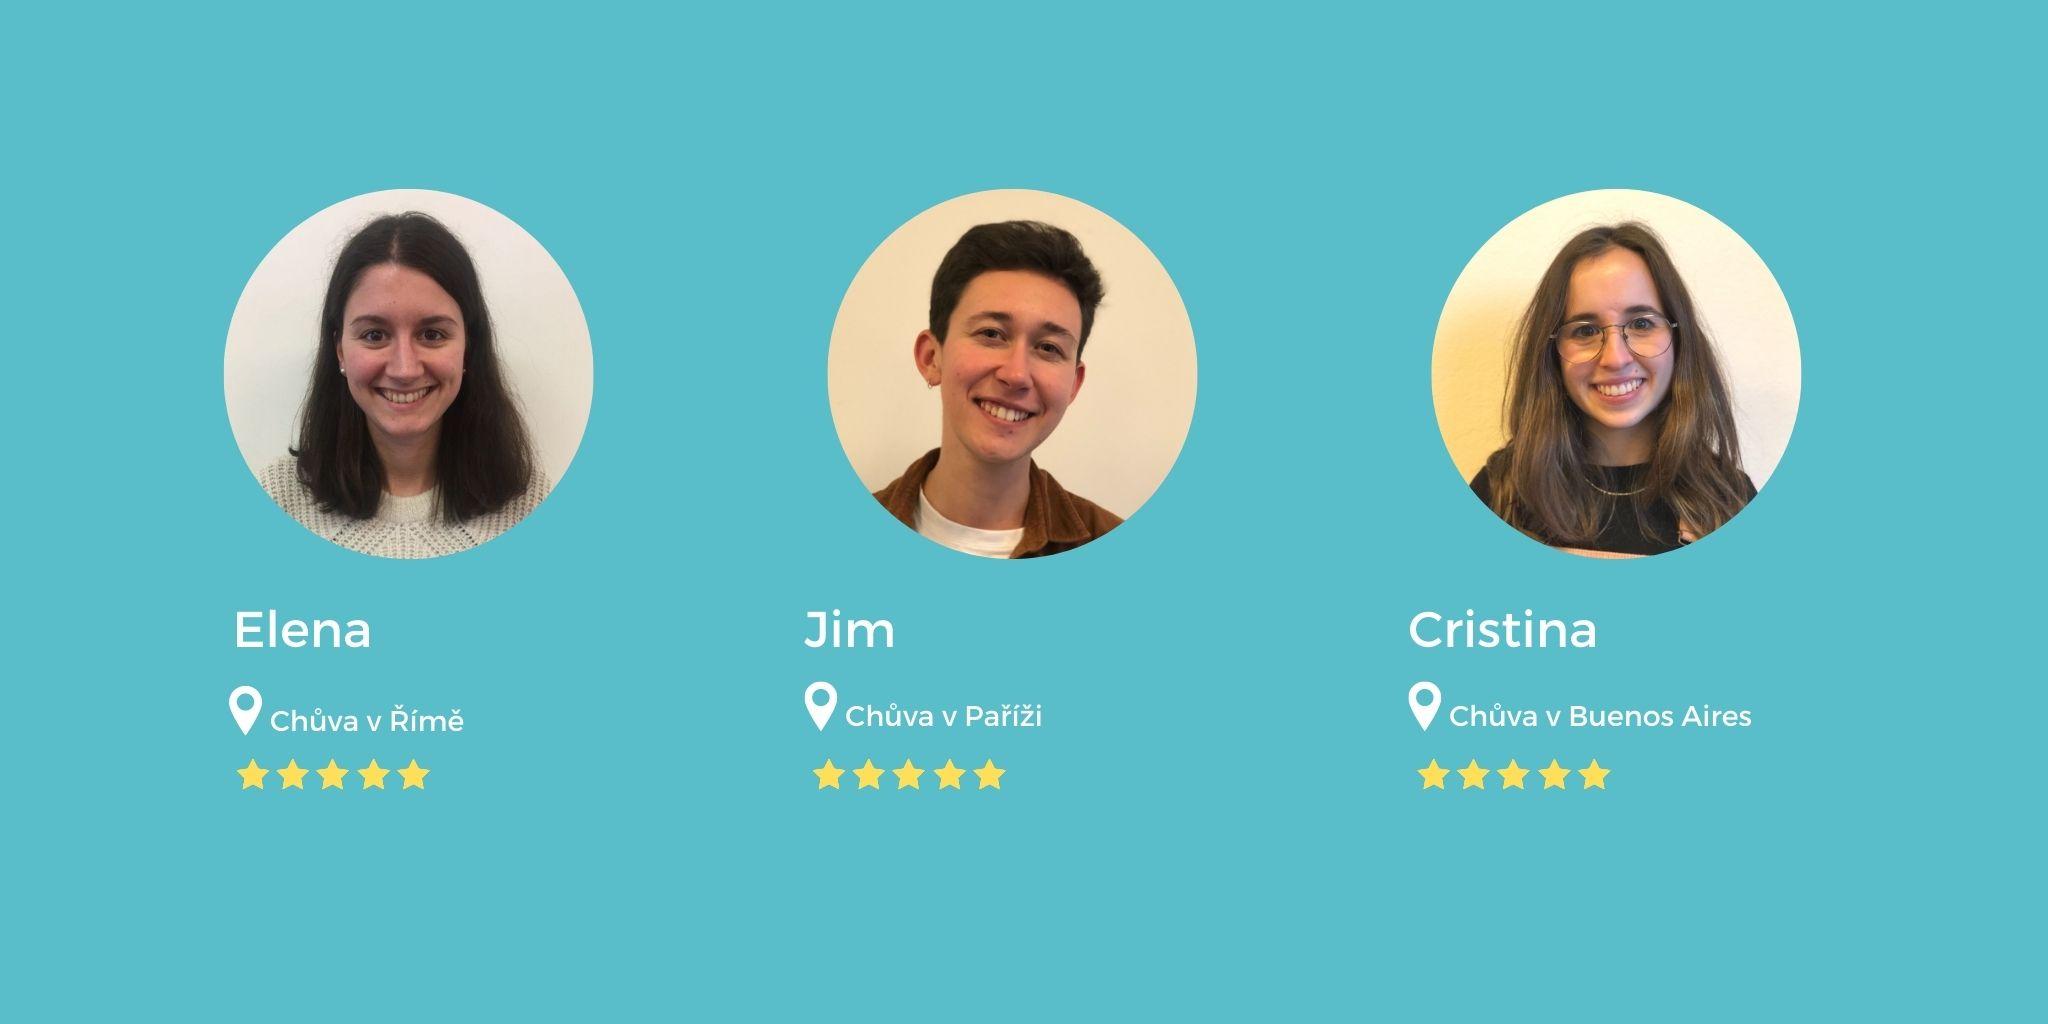 Tipy pro chůvy na skvělý profilový obrázek